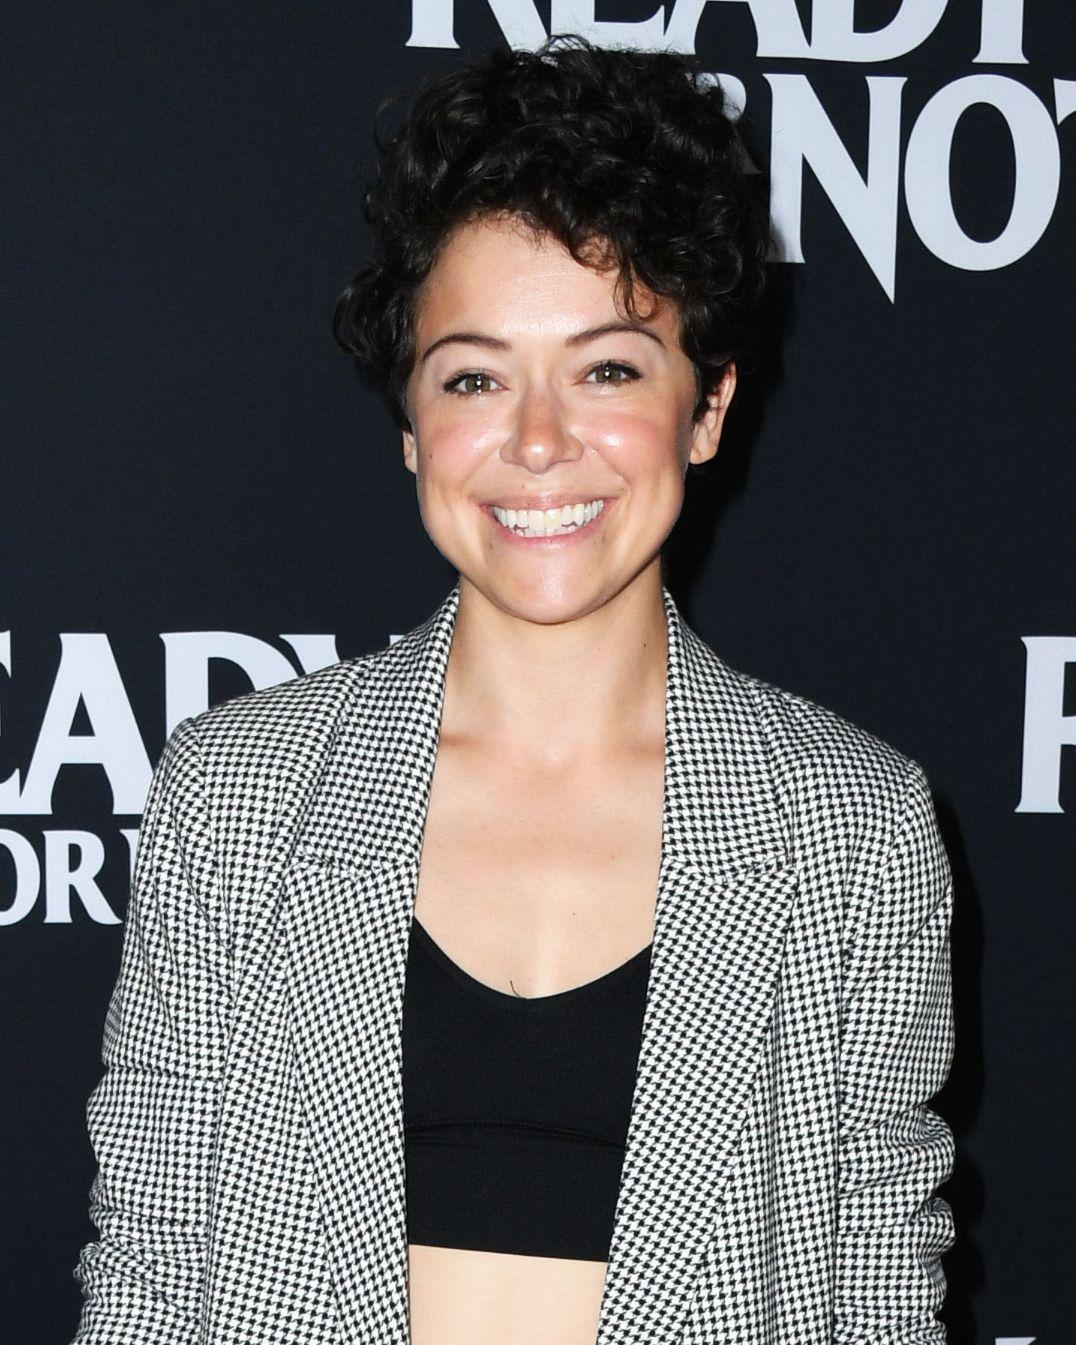 Marvel's She-Hulk Casting: Tatiana Maslany Will Star